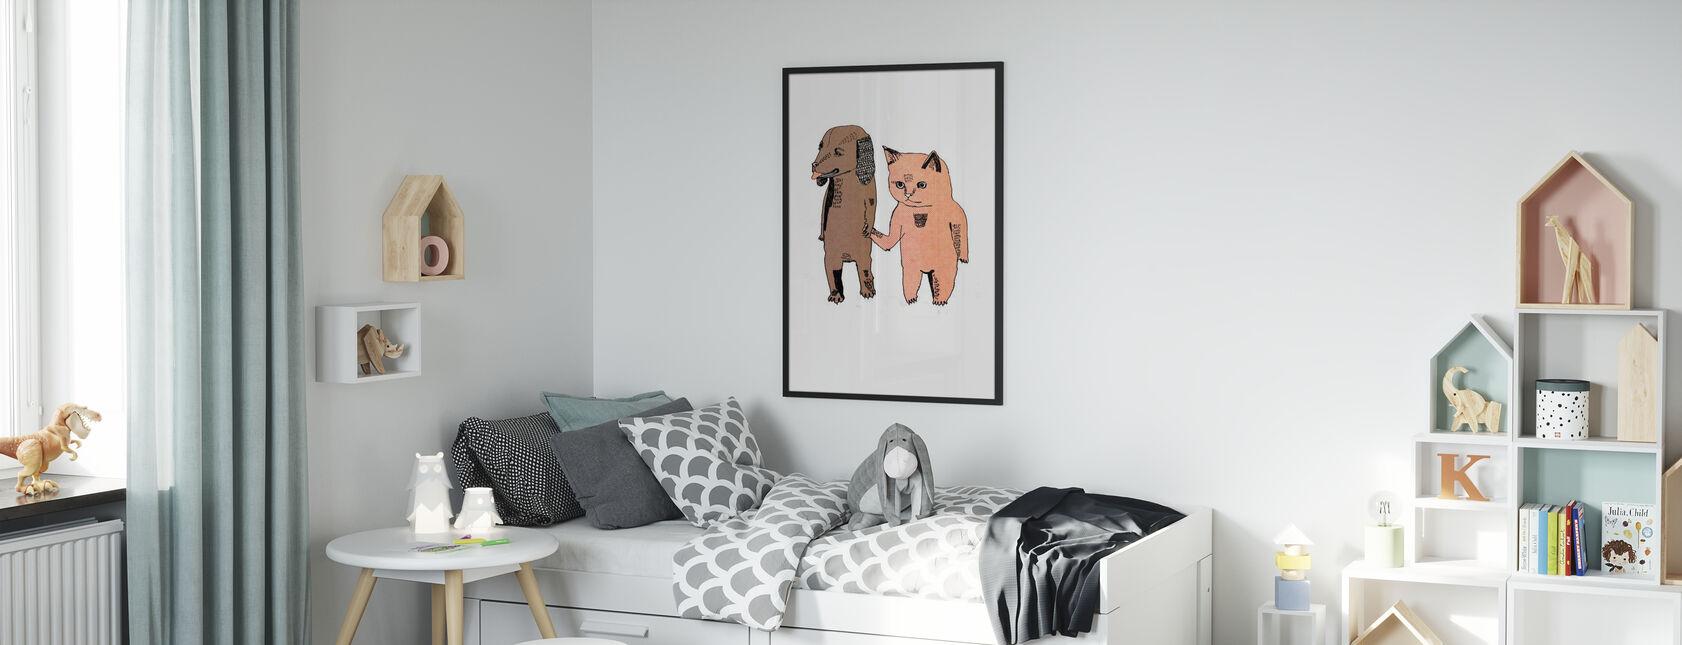 Gatto e Cane - Poster - Camera dei bambini